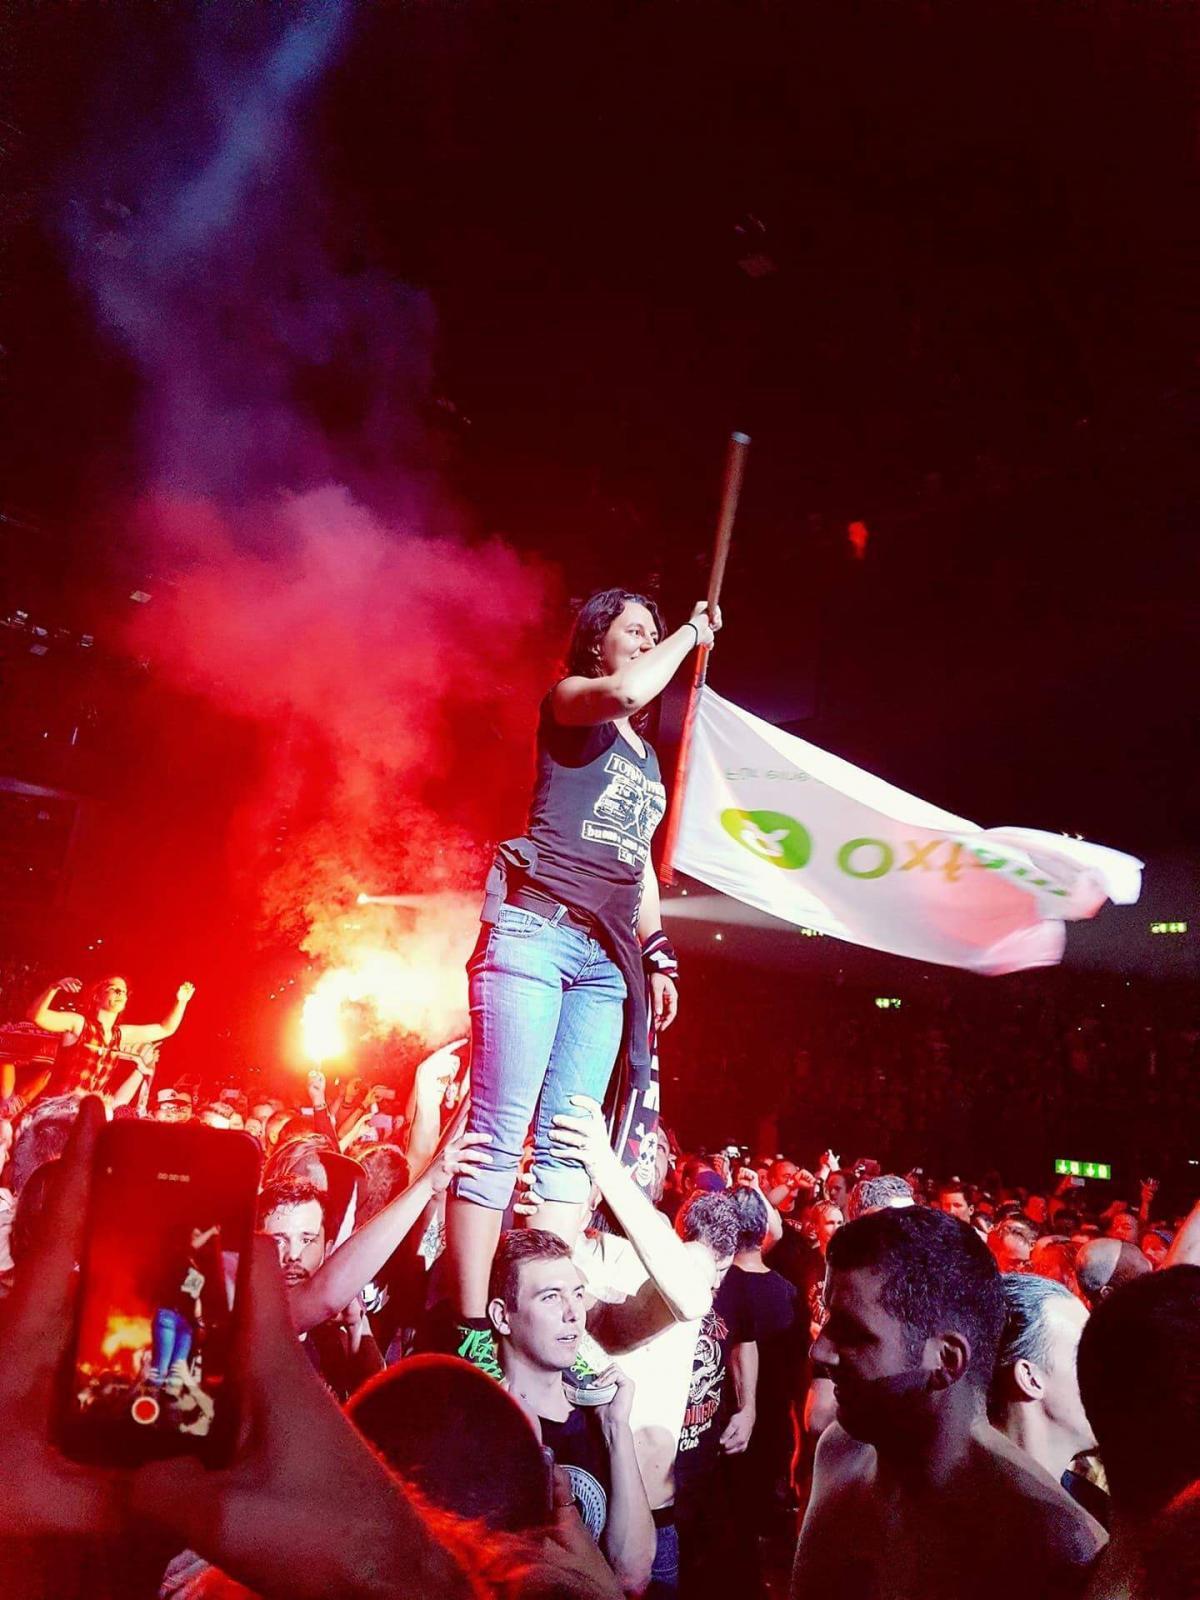 Veronika Bartram als Konzertaktivistin auf einem Konzert der Toten Hosen